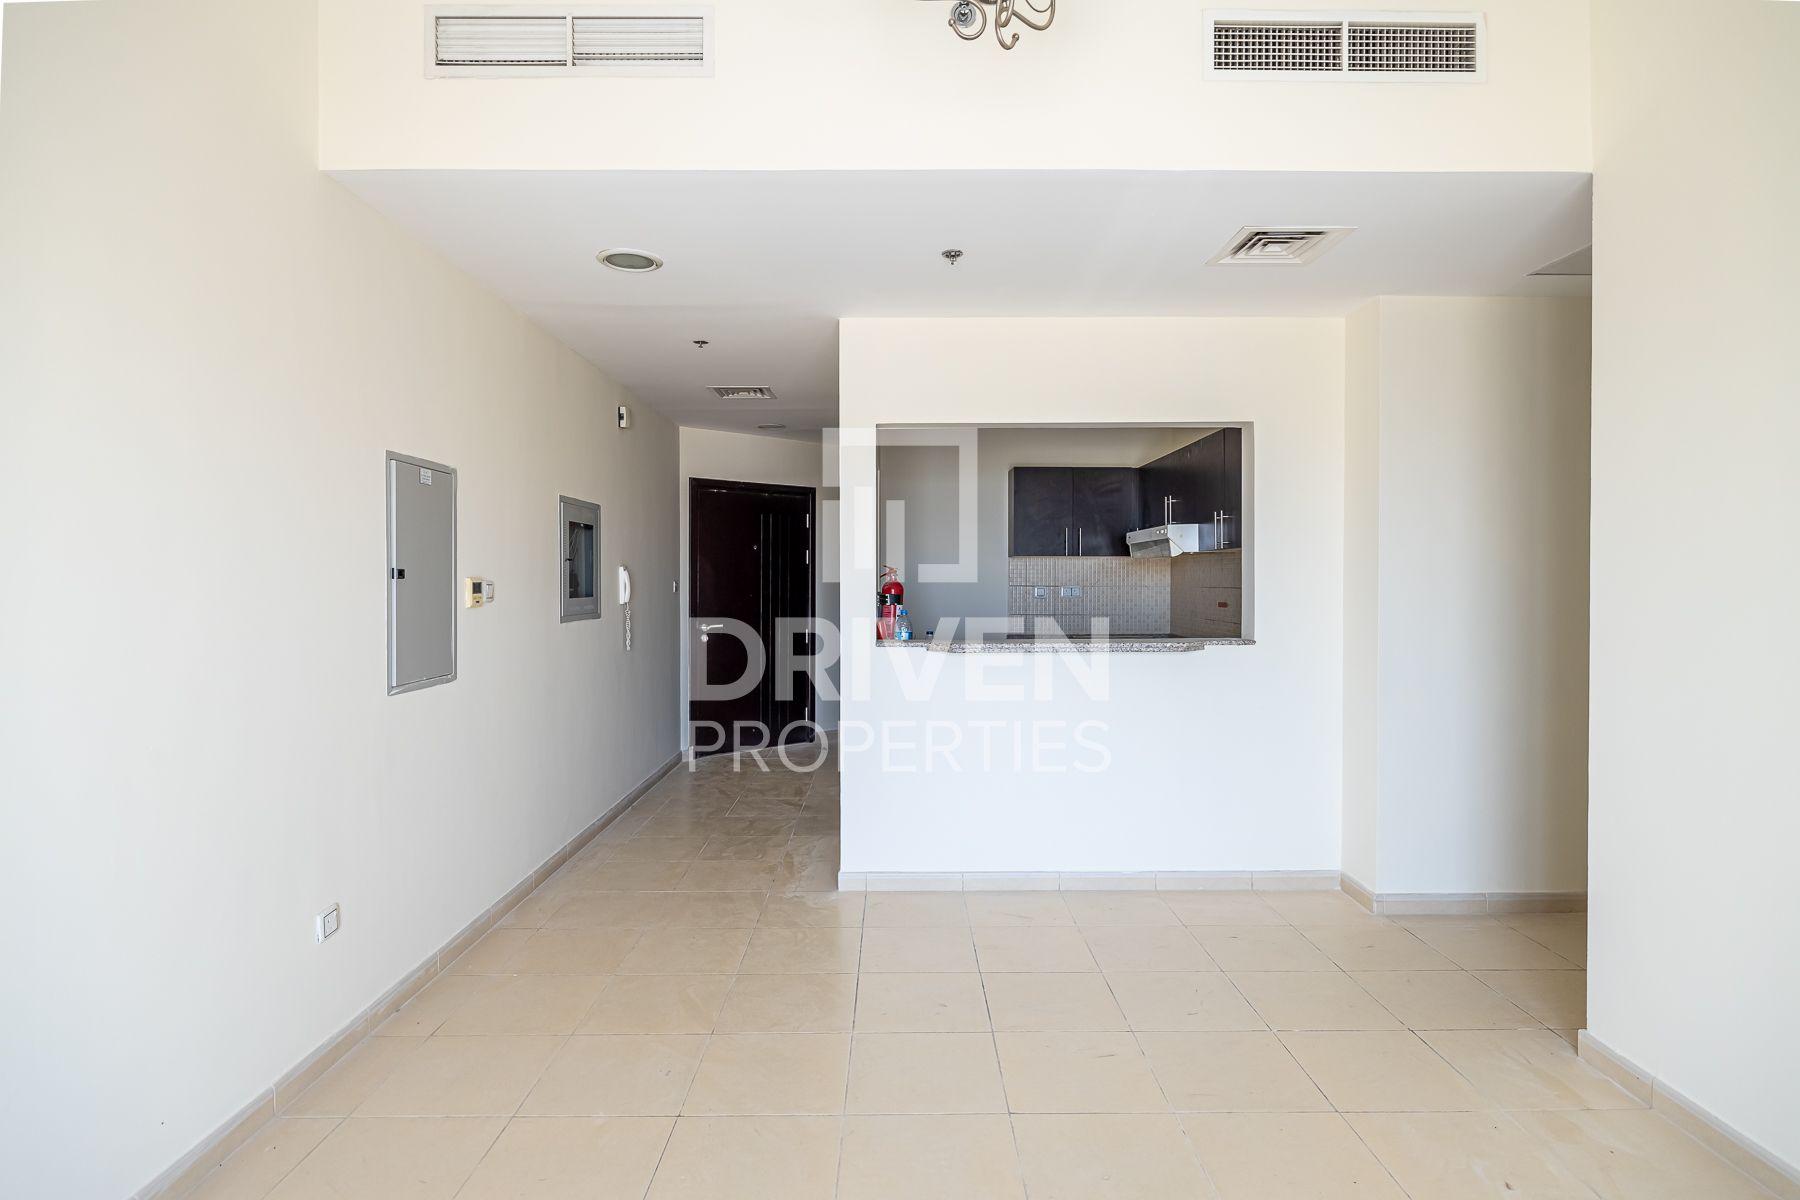 929 قدم مربع  شقة - للايجار - دبي لاند